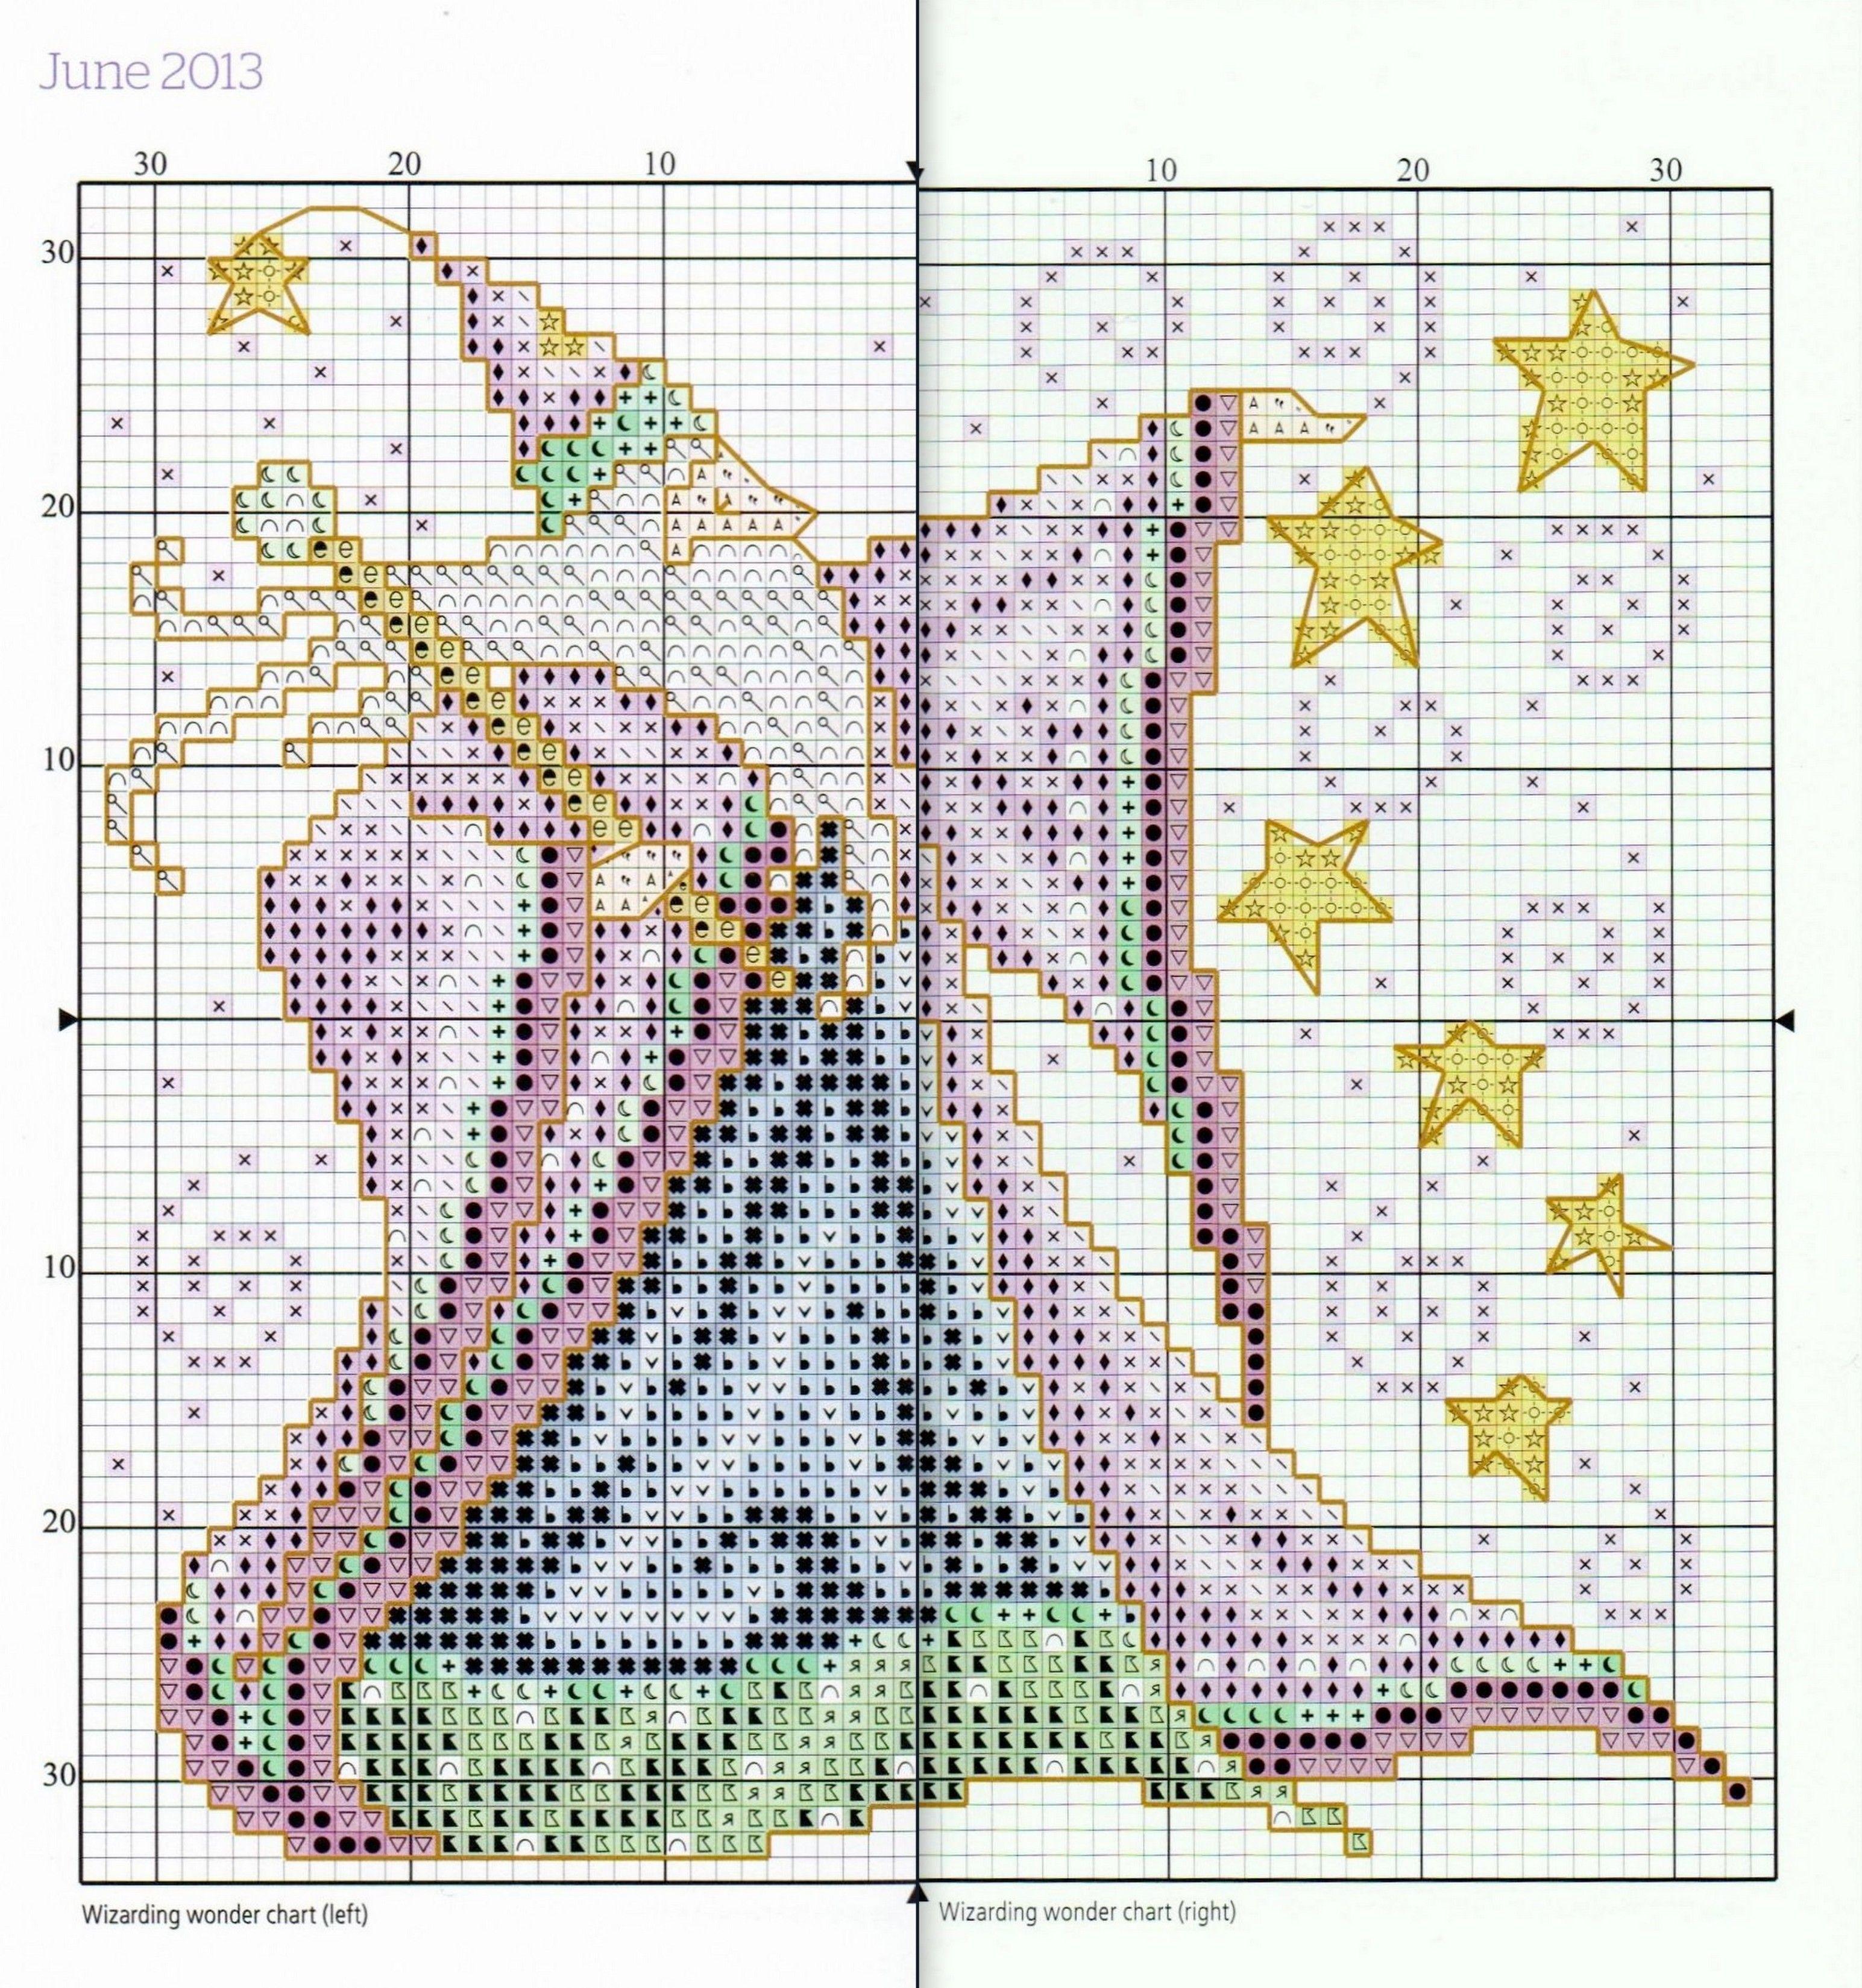 Wizarding wonder chart june from joan elliotts 2013 wizarding wonder chart june from joan elliotts 2013 stitchers diary madeira threadcross nvjuhfo Images